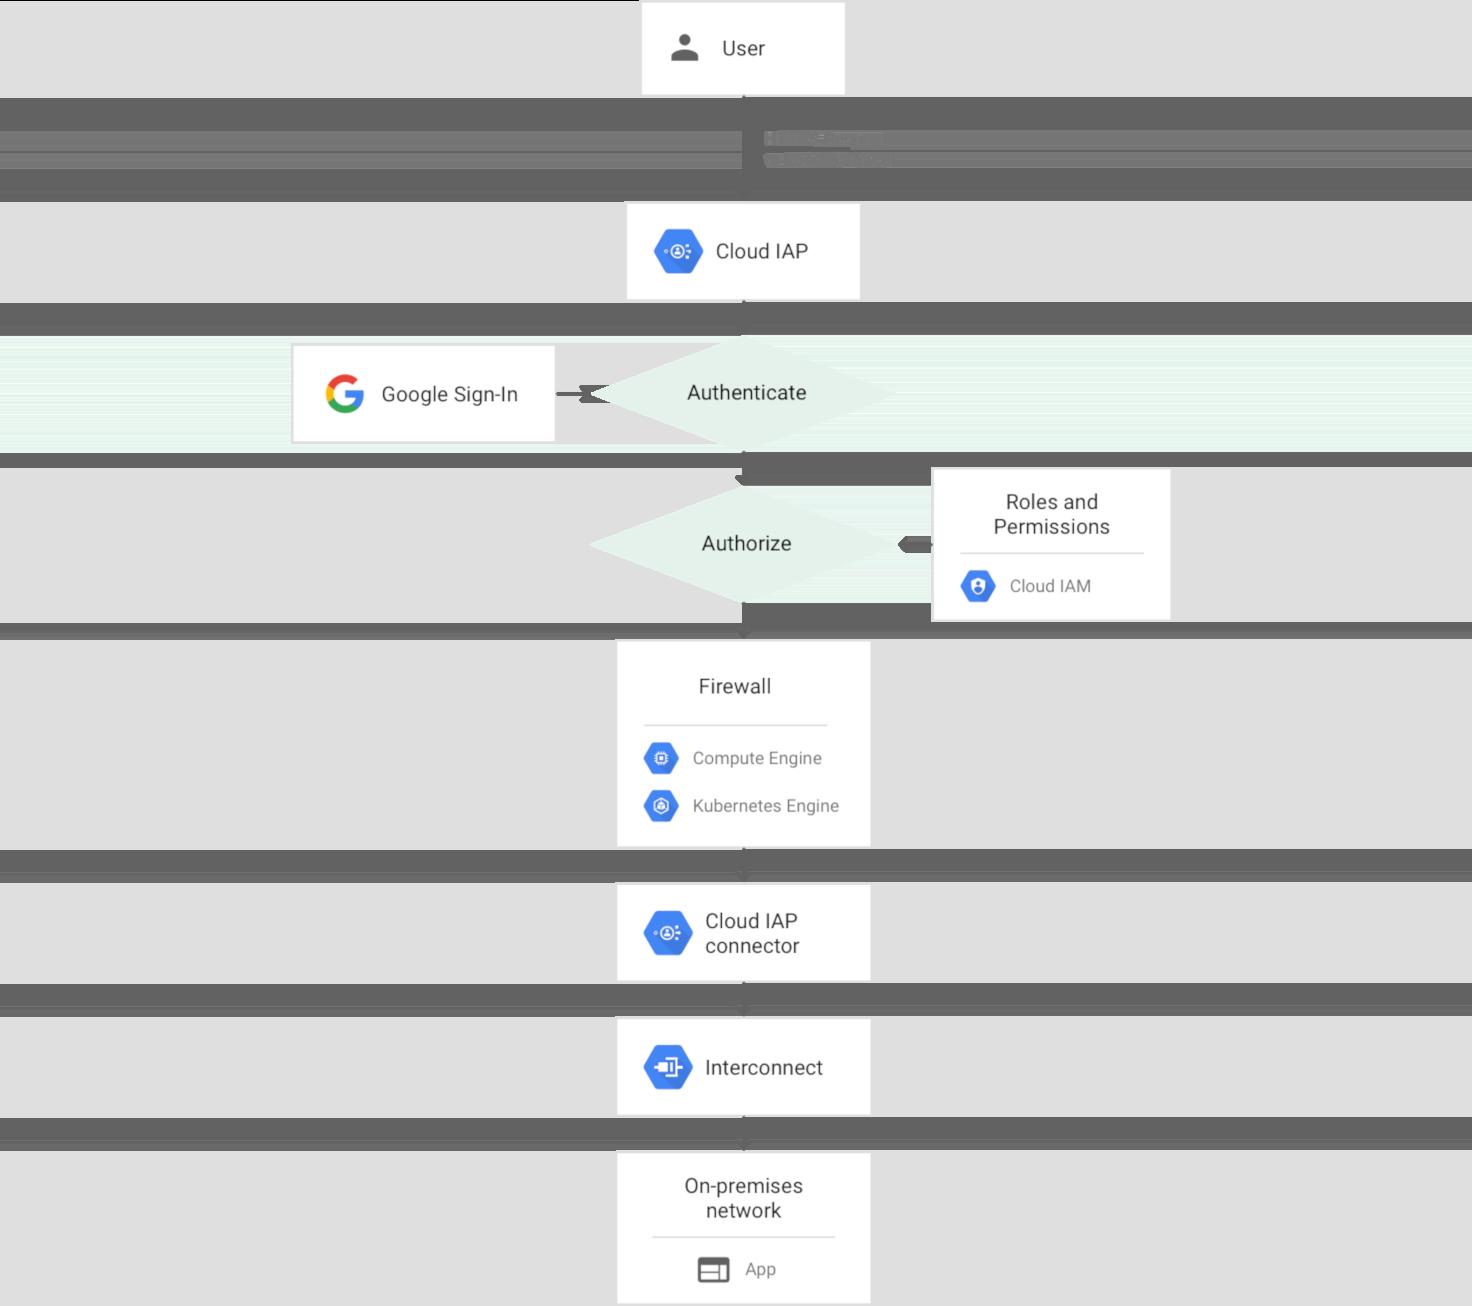 Cloud IAP 사용 시 온프레미스 앱에 대한 요청 경로 다이어그램